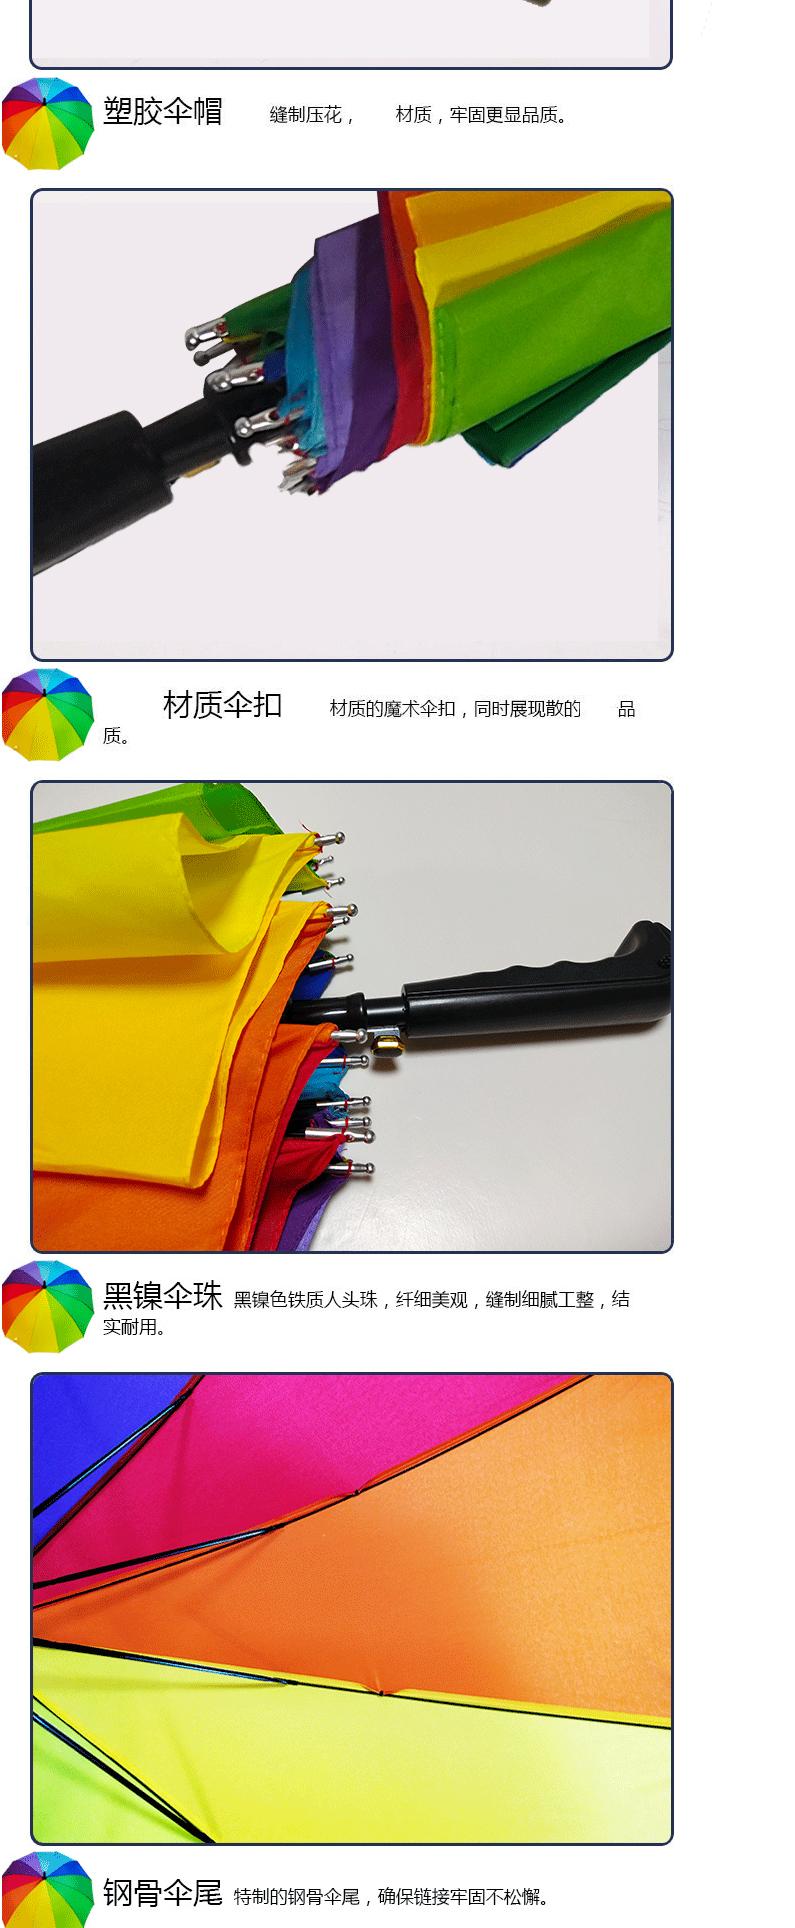 1_04.jpg